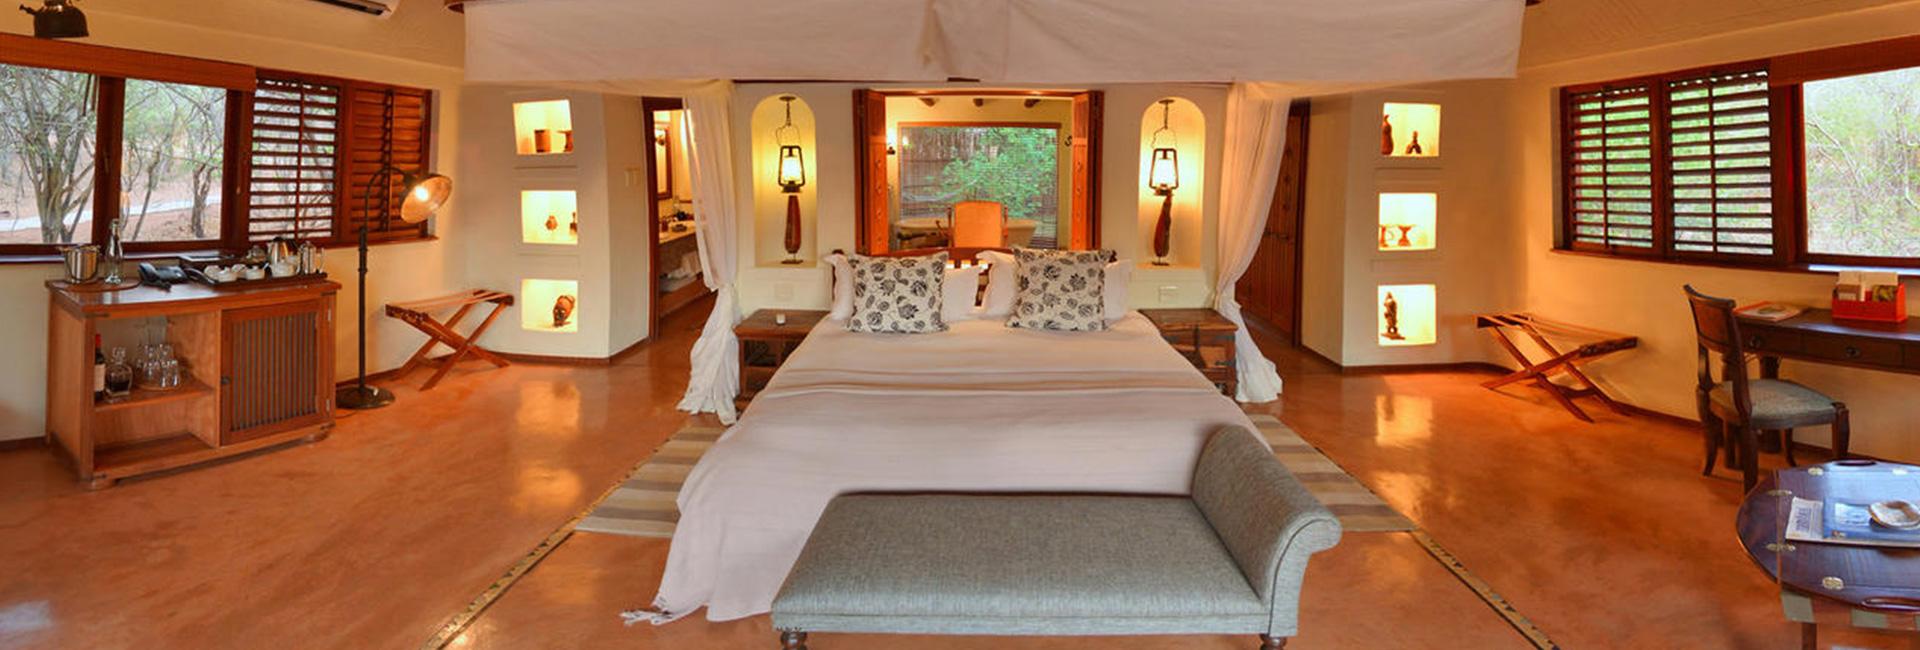 chobe-chilwero-bedroom-botswana-safari